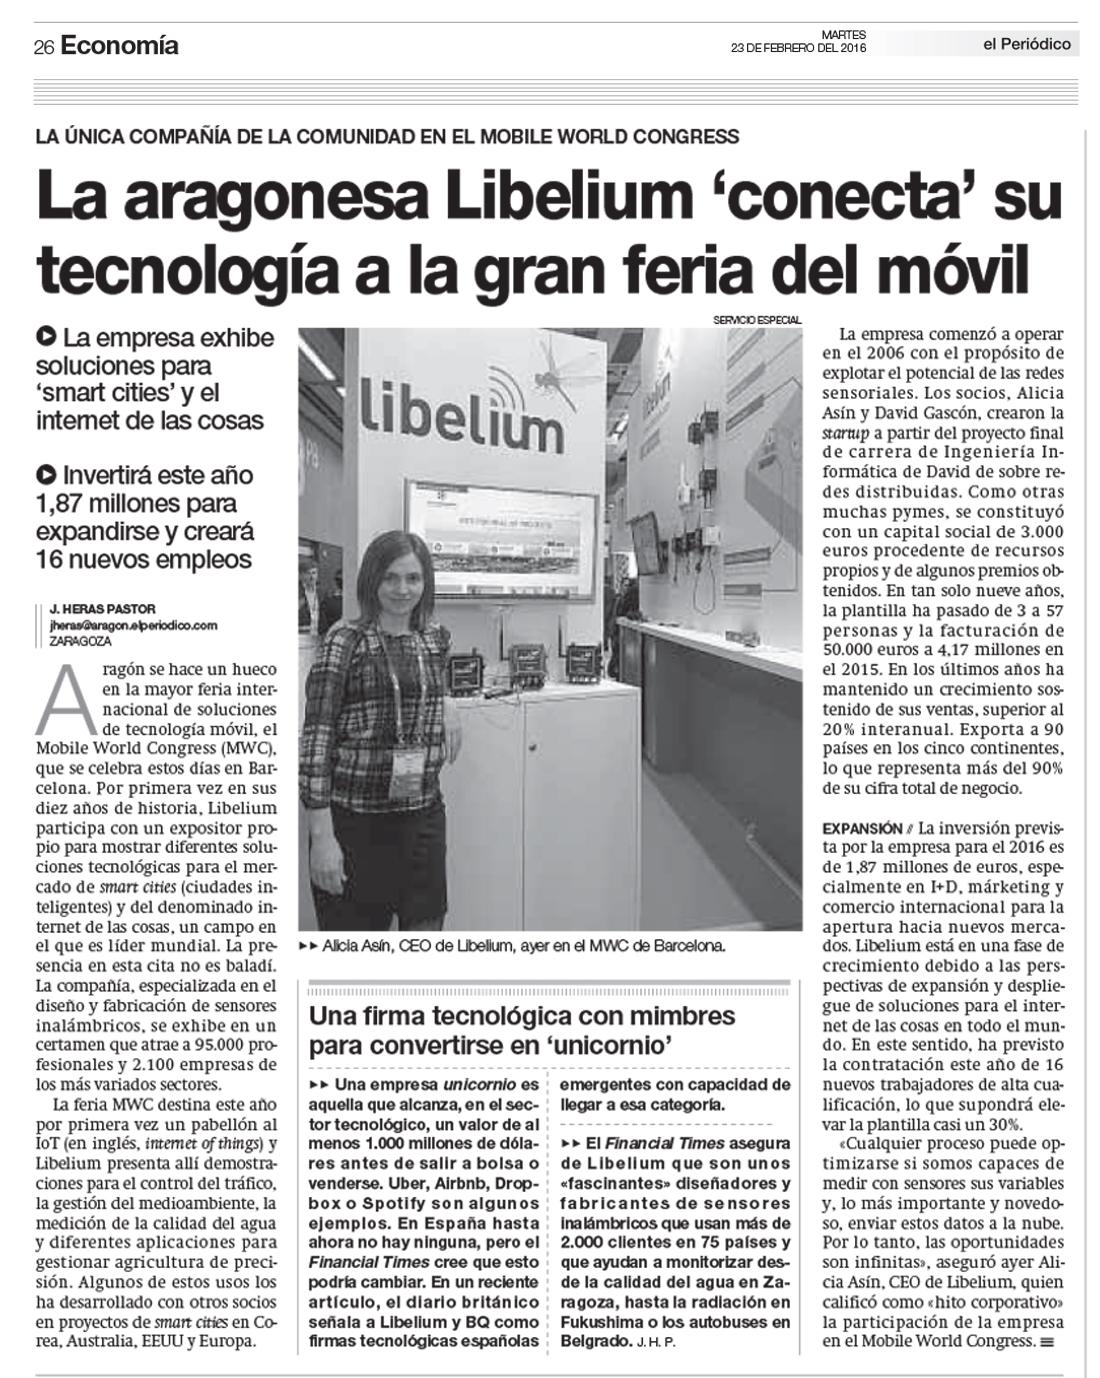 La aragonesa Libelium 'conecta' su tecnología a la gran feria del móvil